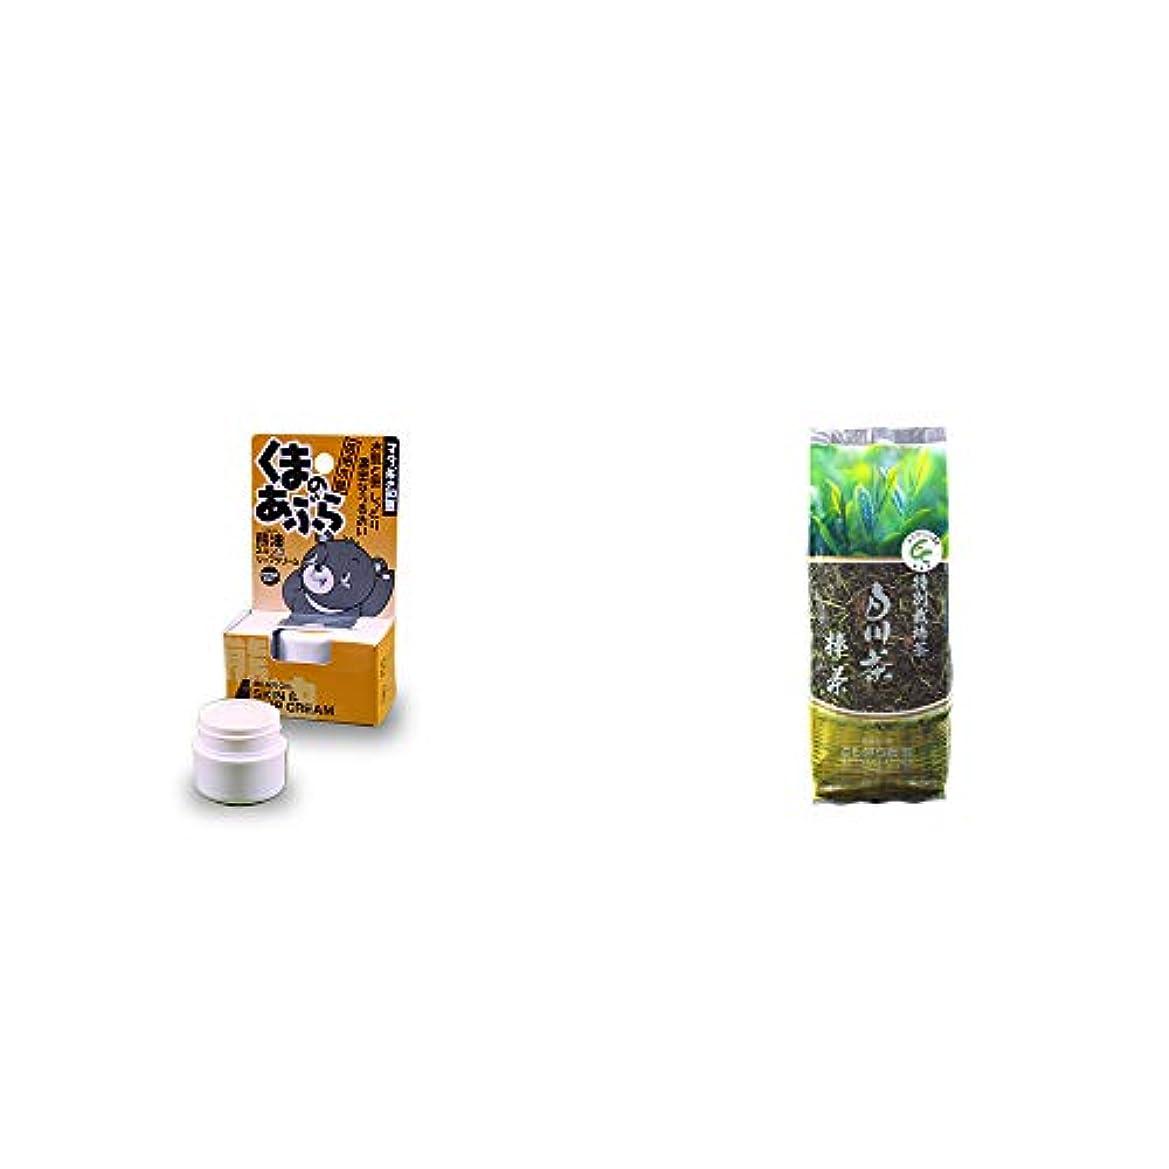 忌み嫌う大学生自分の[2点セット] 信州木曽 くまのあぶら 熊油スキン&リップクリーム(9g)?白川茶 特別栽培茶【棒茶】(150g)